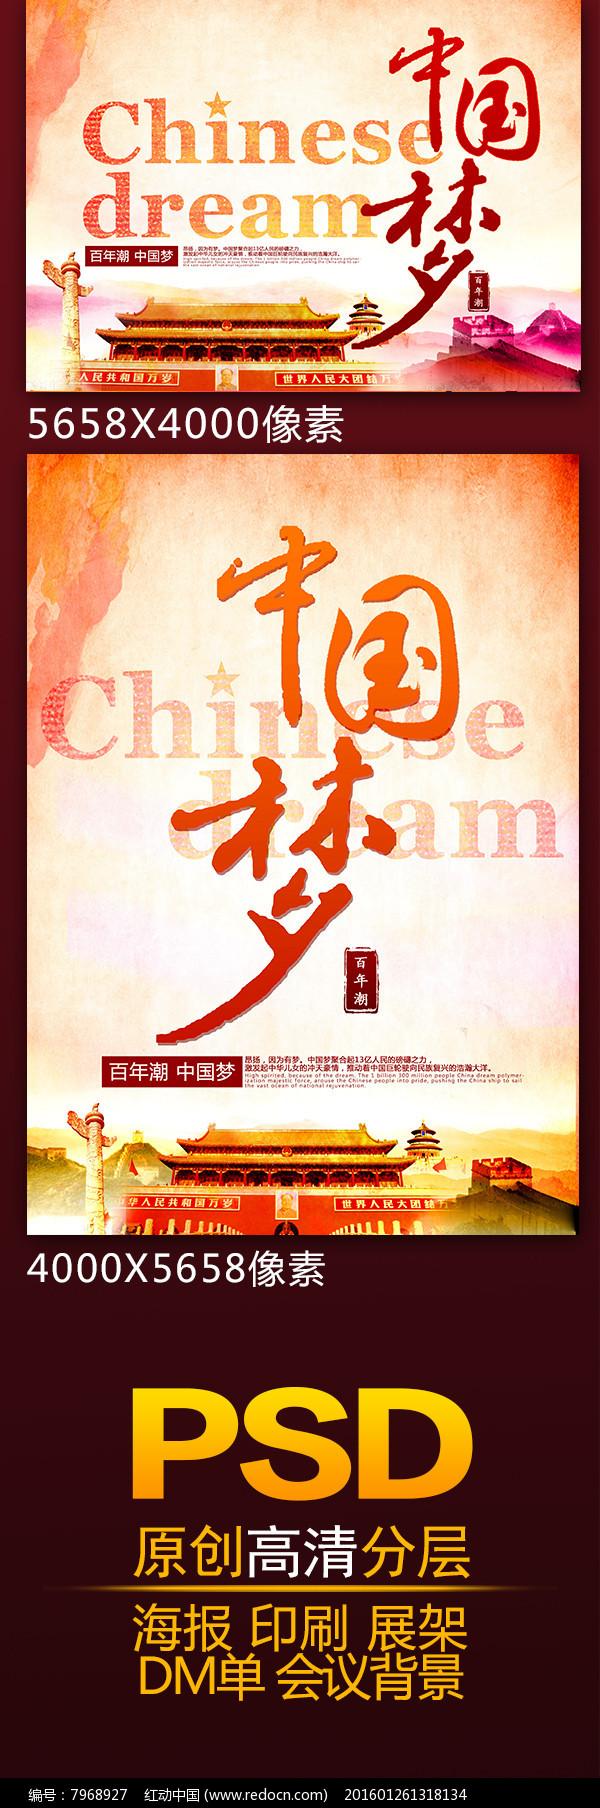 原创设计稿 海报设计/宣传单/广告牌 海报设计 中国梦创意海报  请您图片